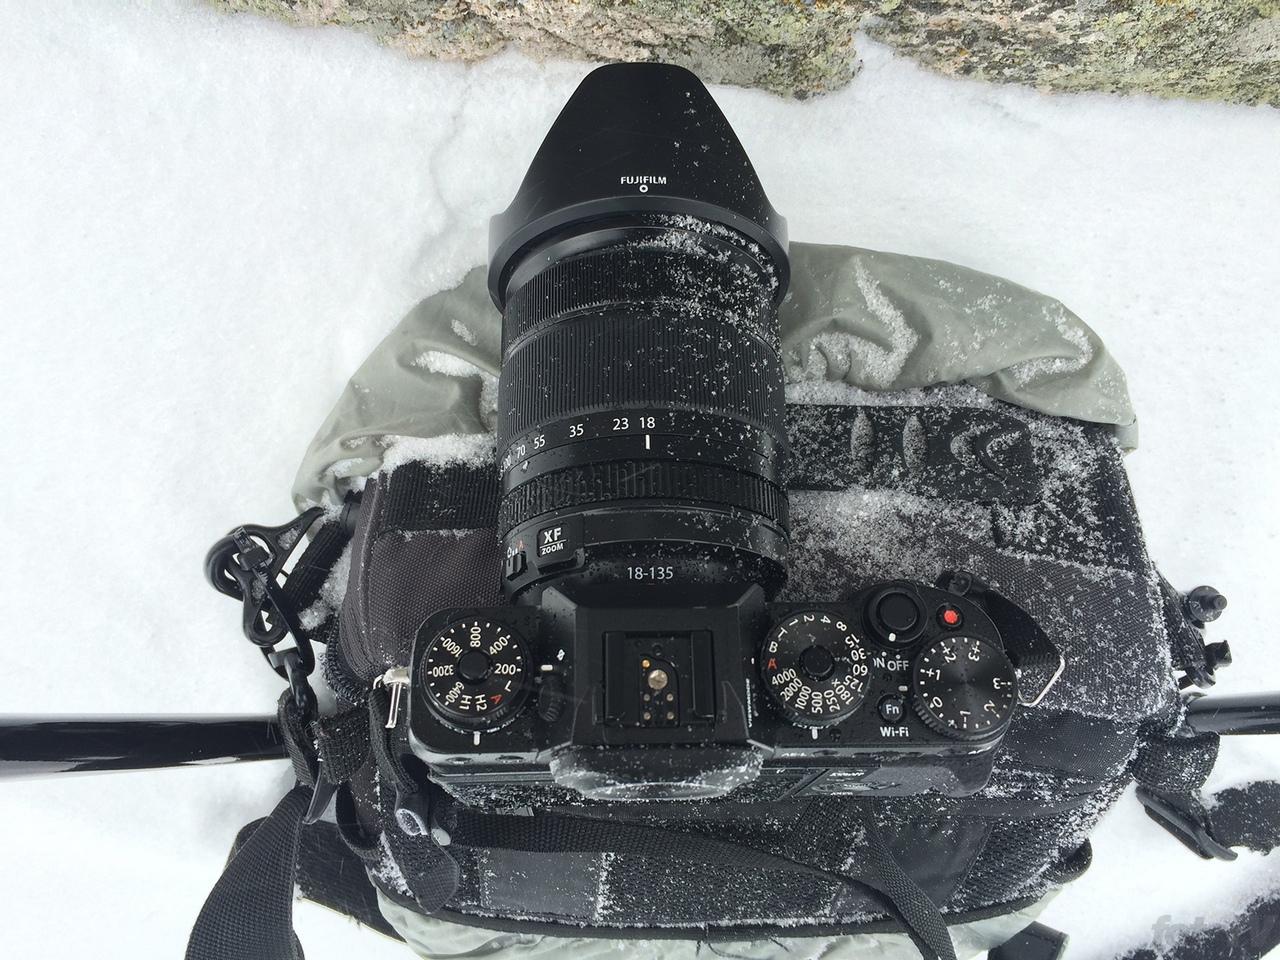 Fujifilm X-T1 a megpróbáltatáso közepedte